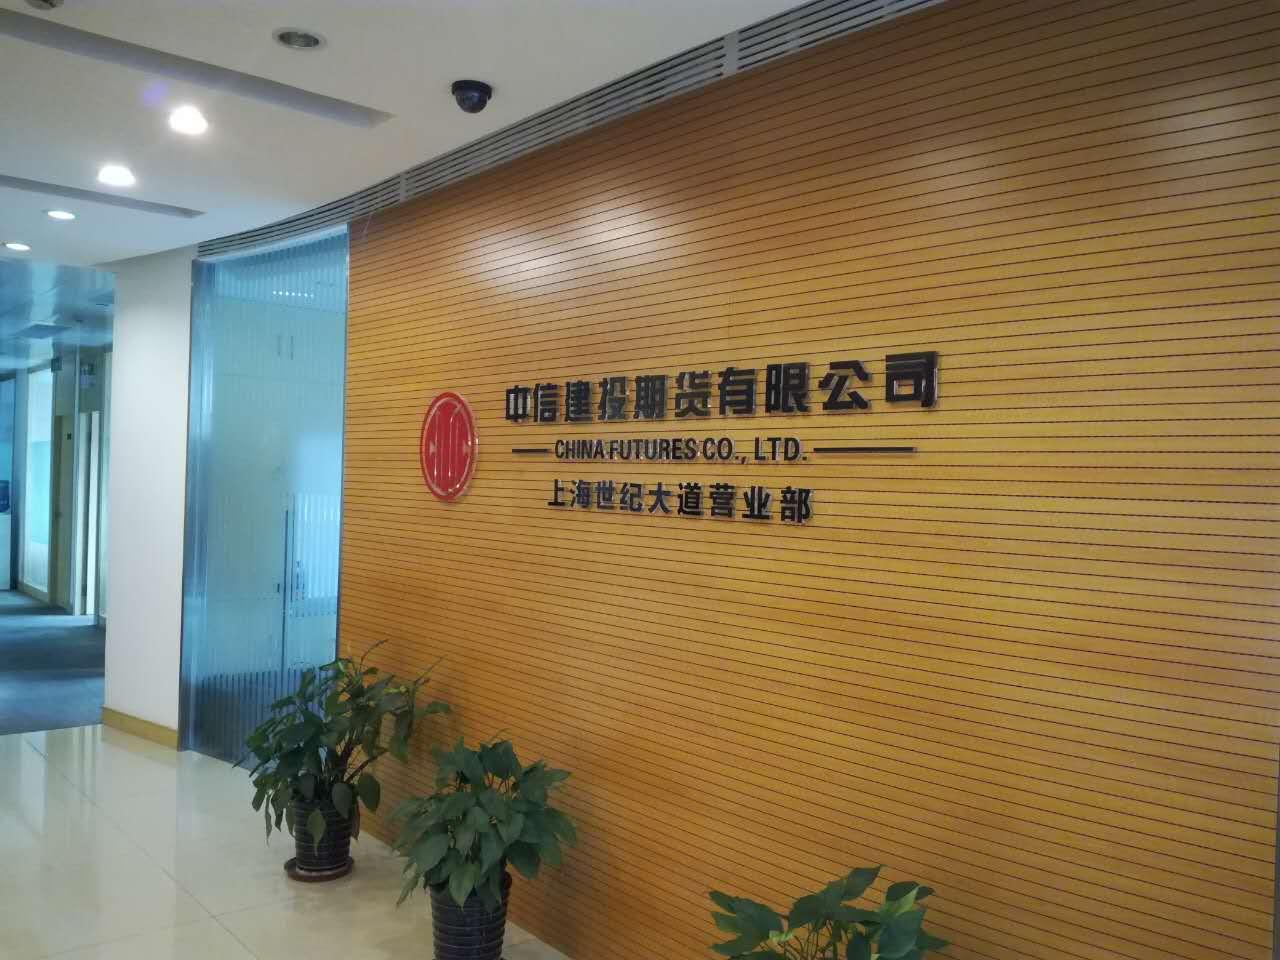 上海期货公司联系电话-中信建投期货上海营业部